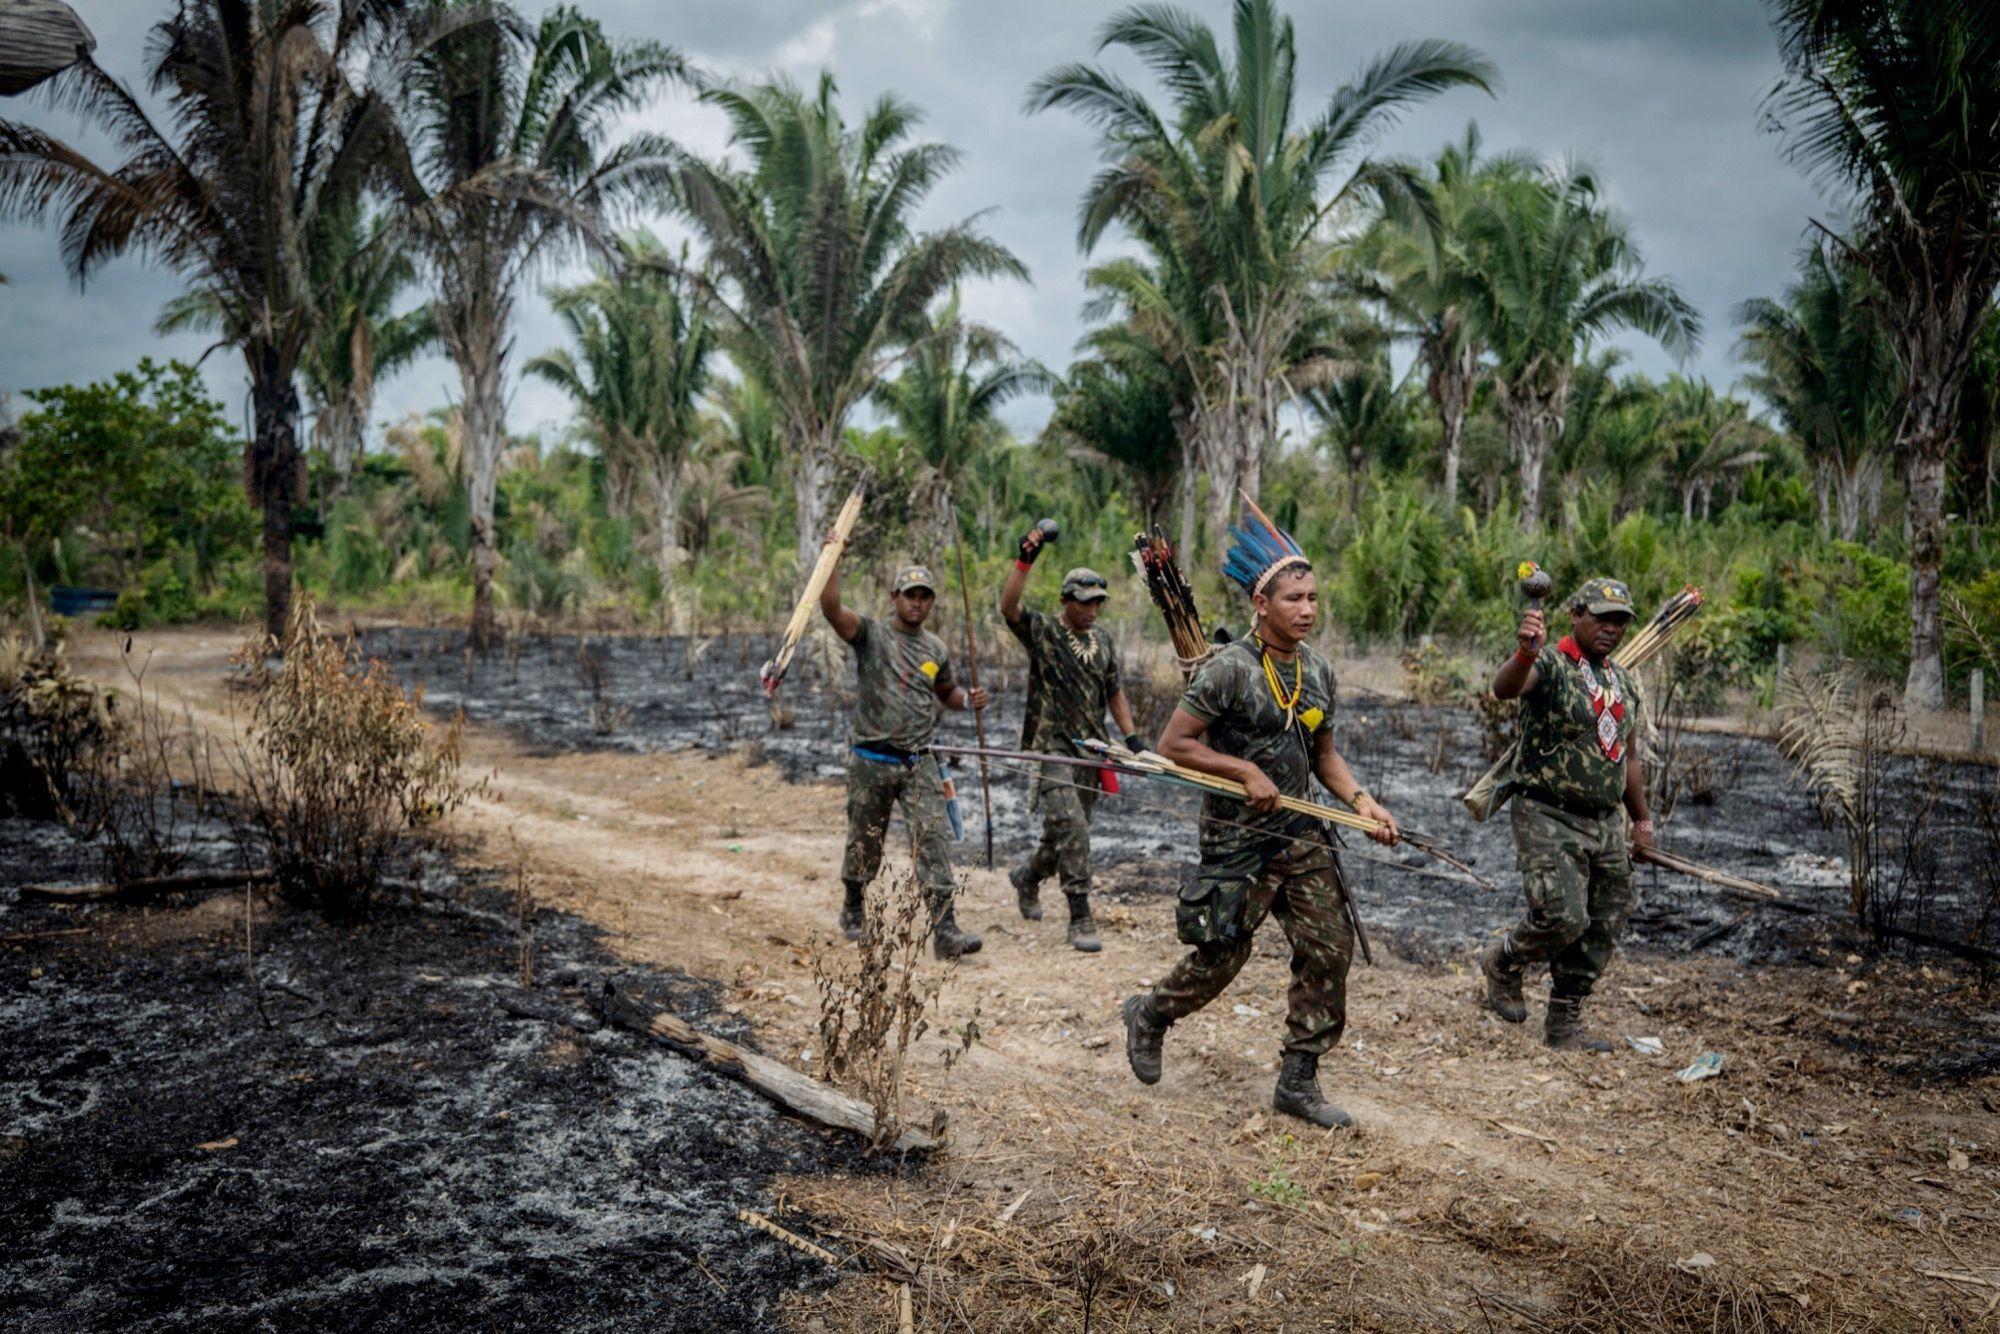 Amazonie : Les Indiens sur le sentier de la guerre